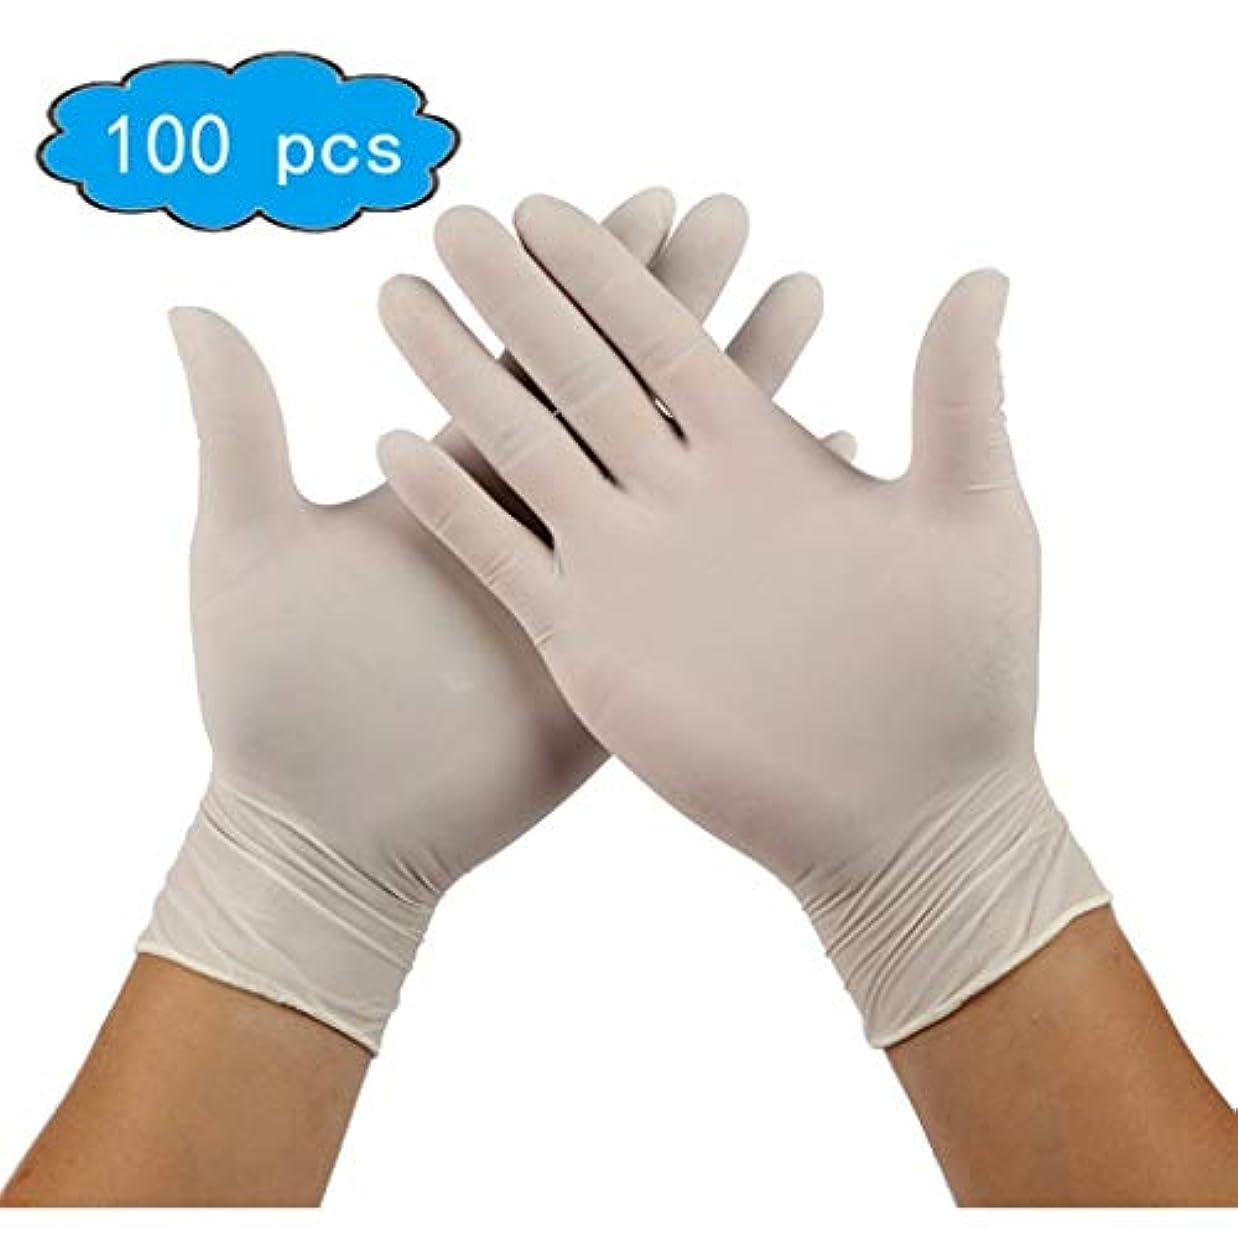 転送隔離する撤退100 XS-XLサイズの使い捨てラテックス手袋、パウダーフリー、スムースタッチ、食品サービスグレード、使い捨て手袋食品 (Color : White, Size : L)